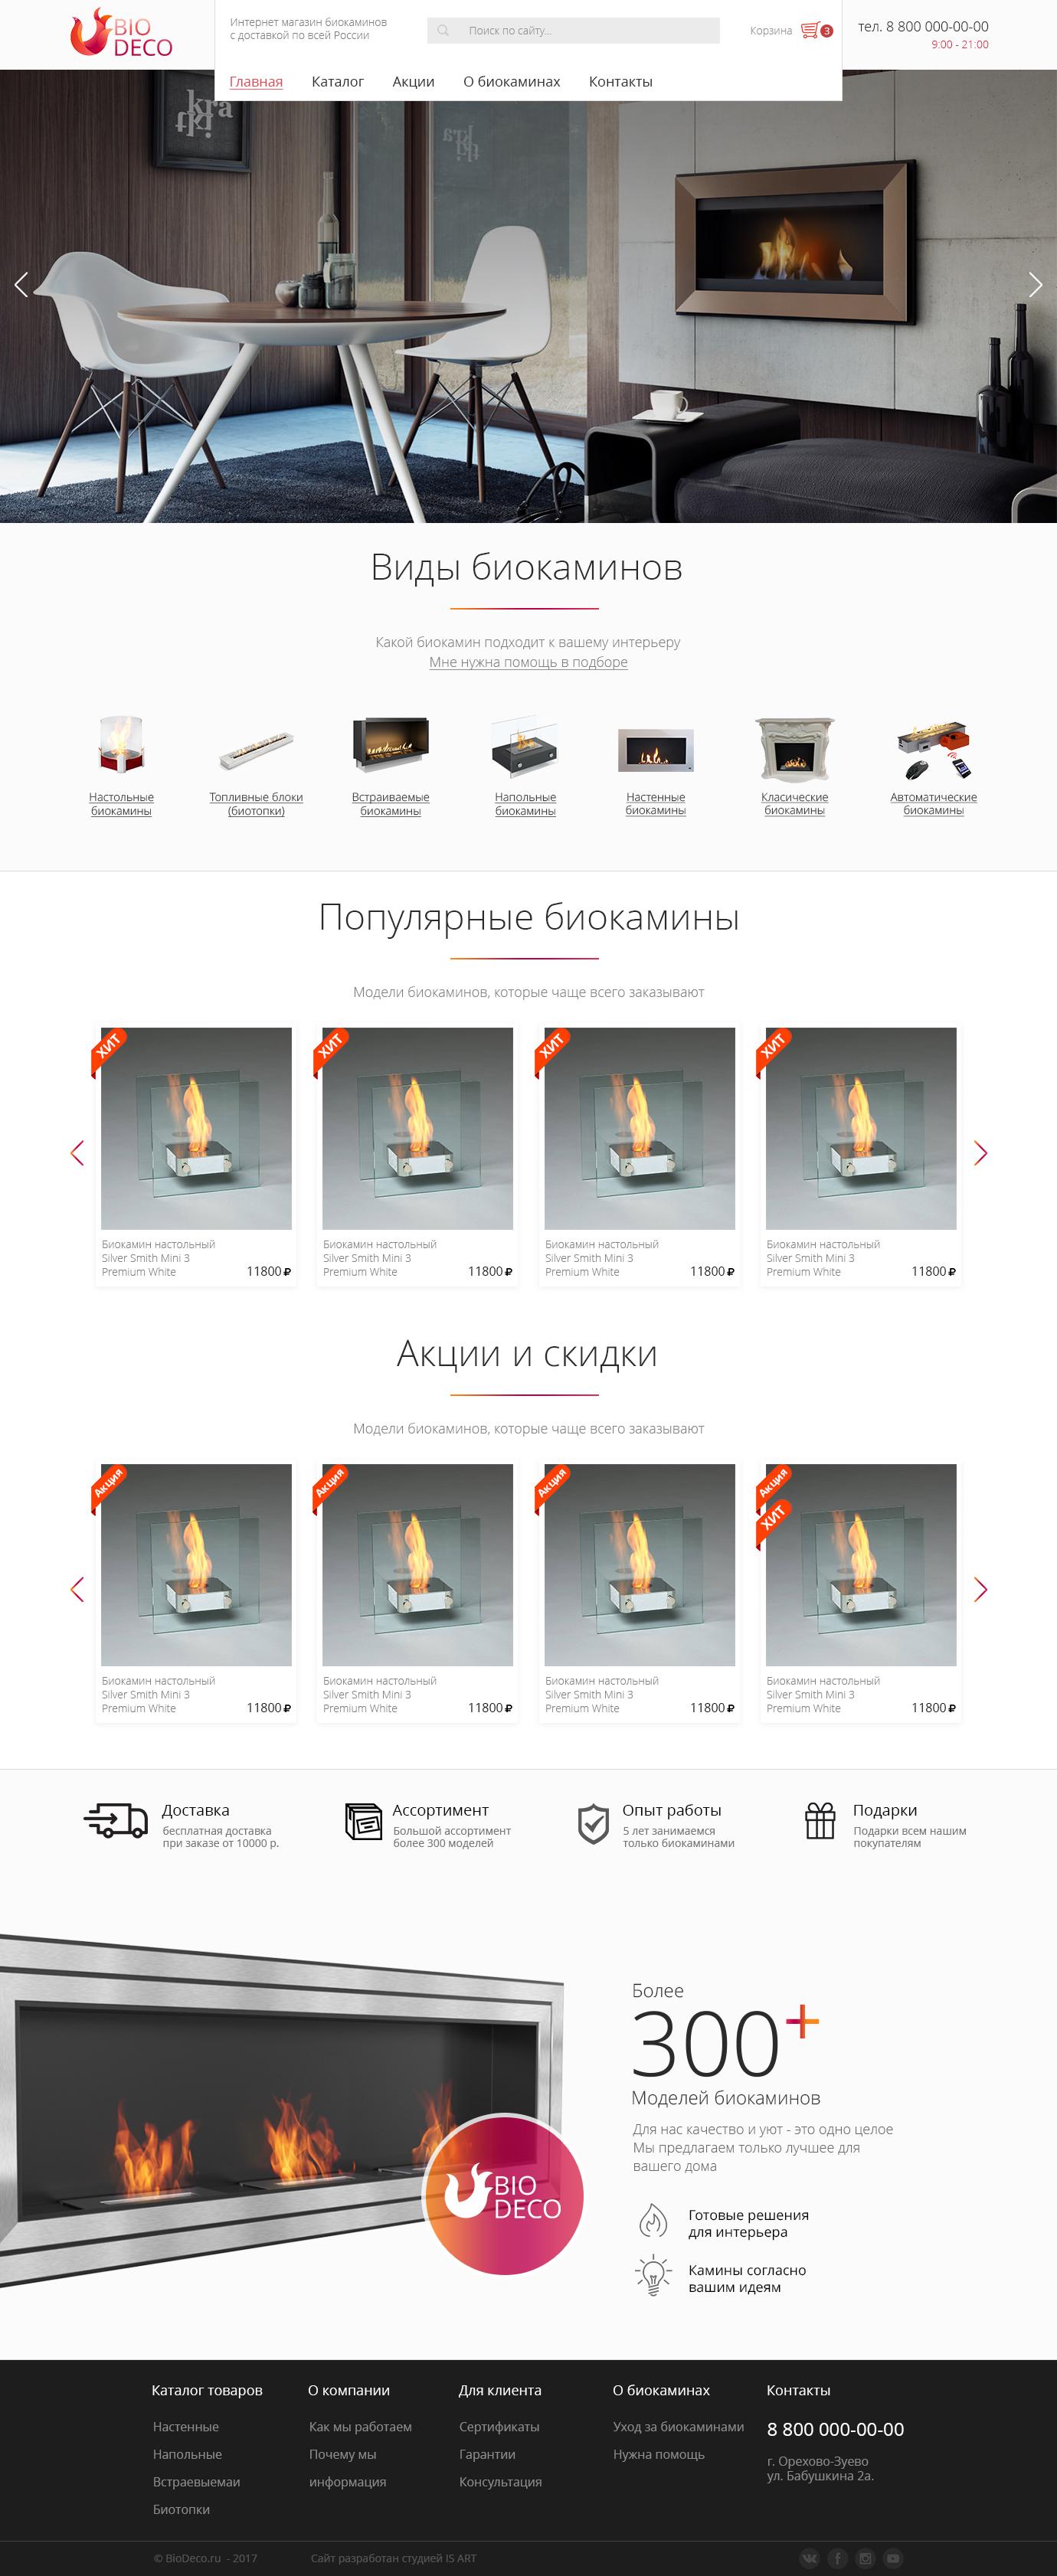 Макет сайта Интернет магазин для продажи биокаминов 1